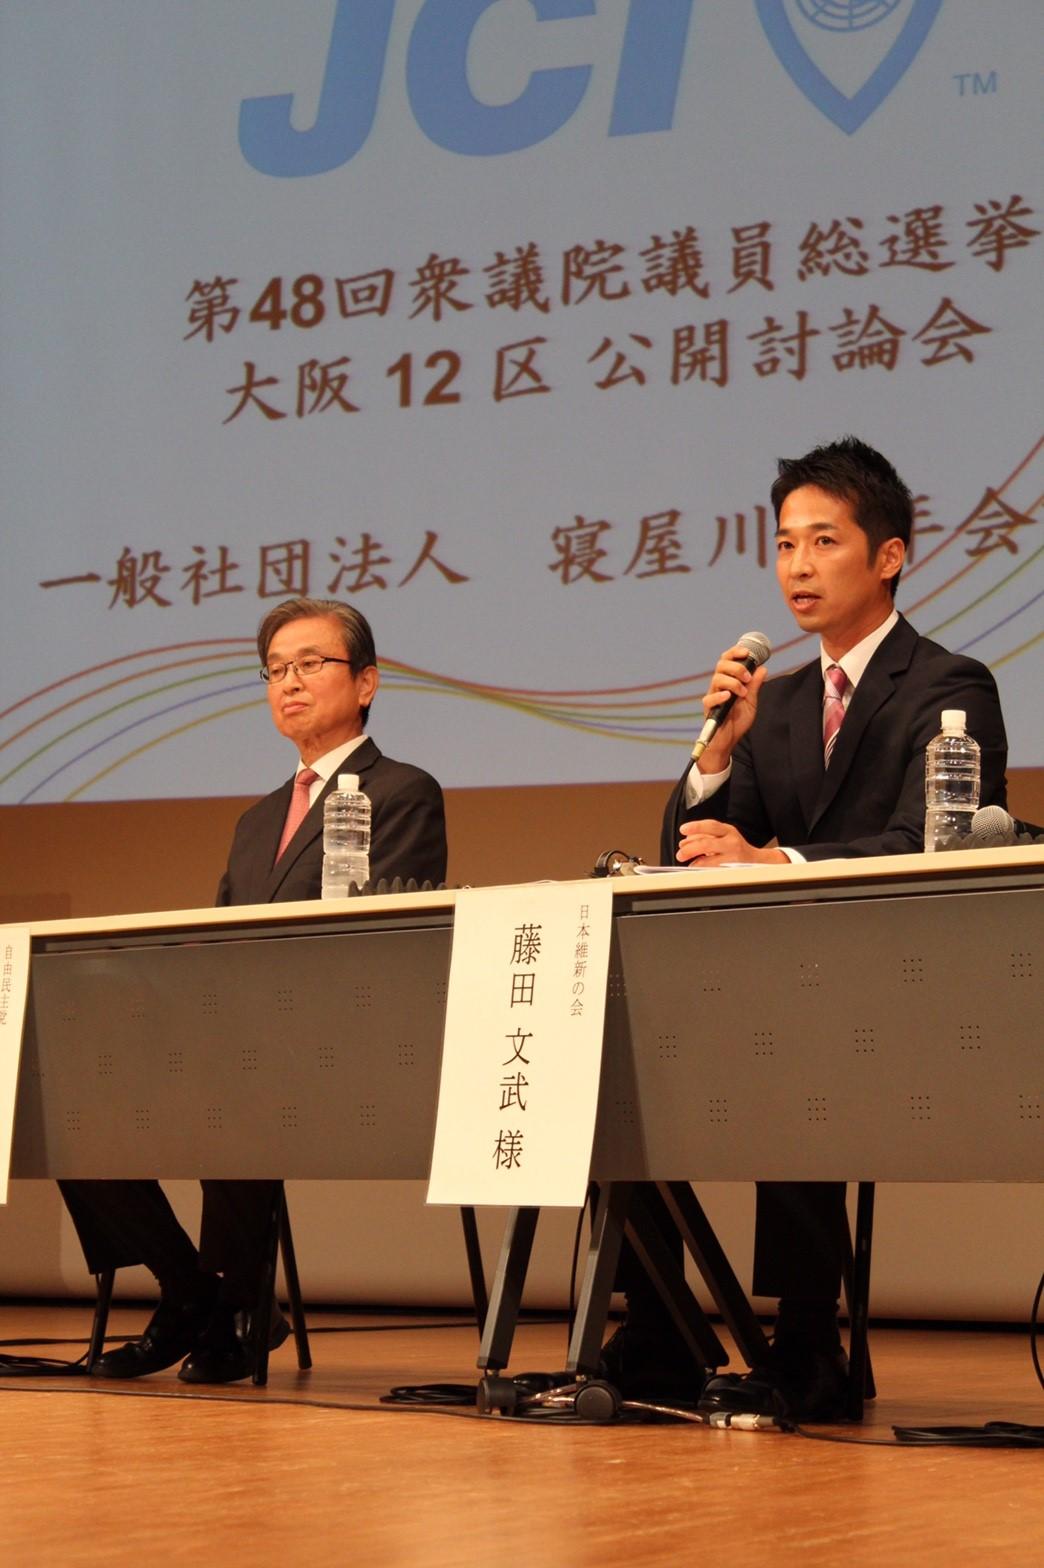 108JC討論会_171009_0003